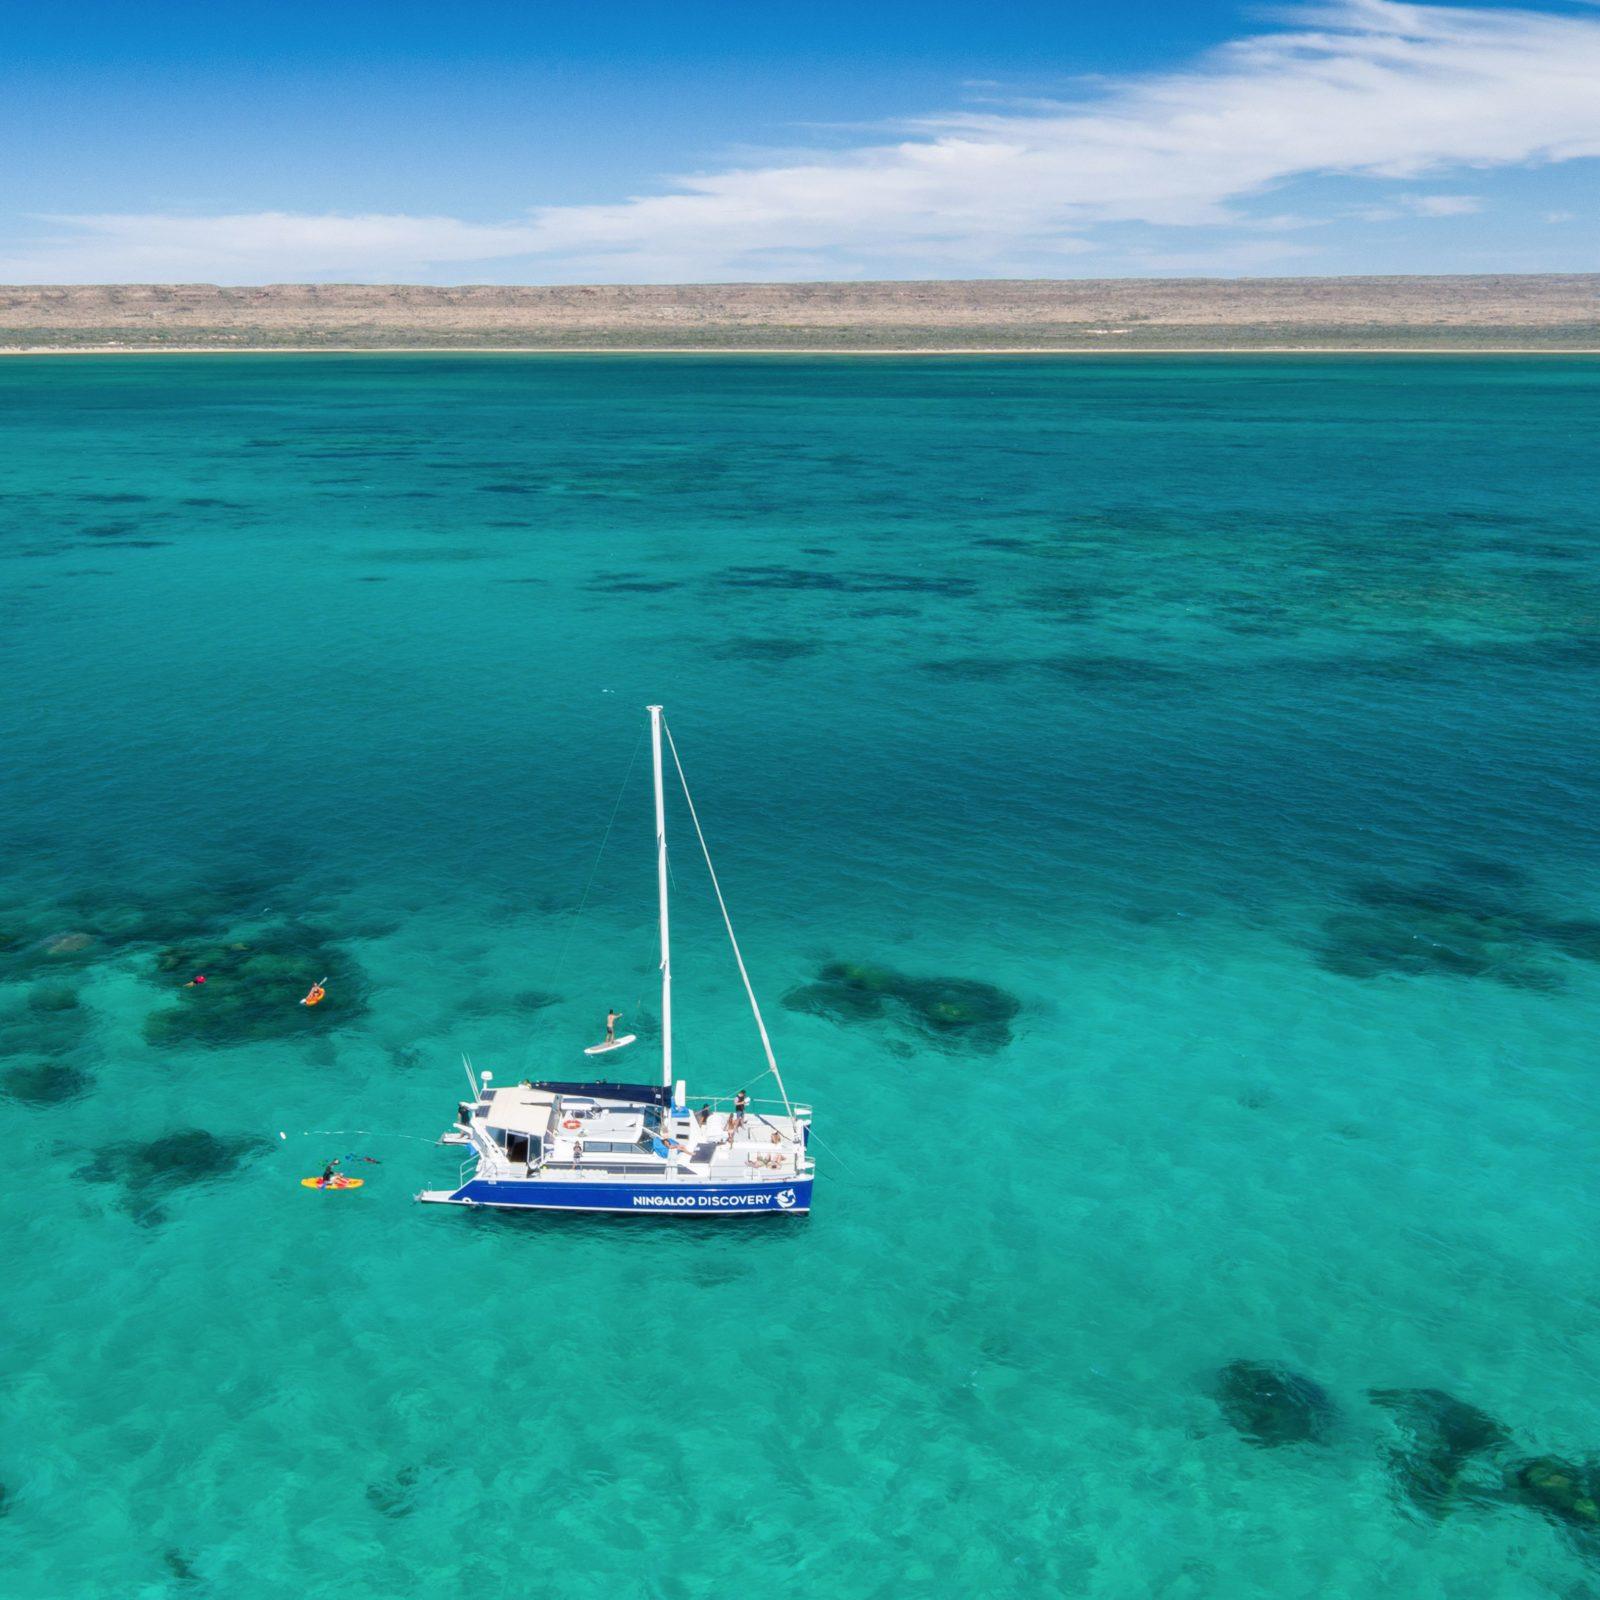 Ningaloo Discovery, Fremantle, Western Australia